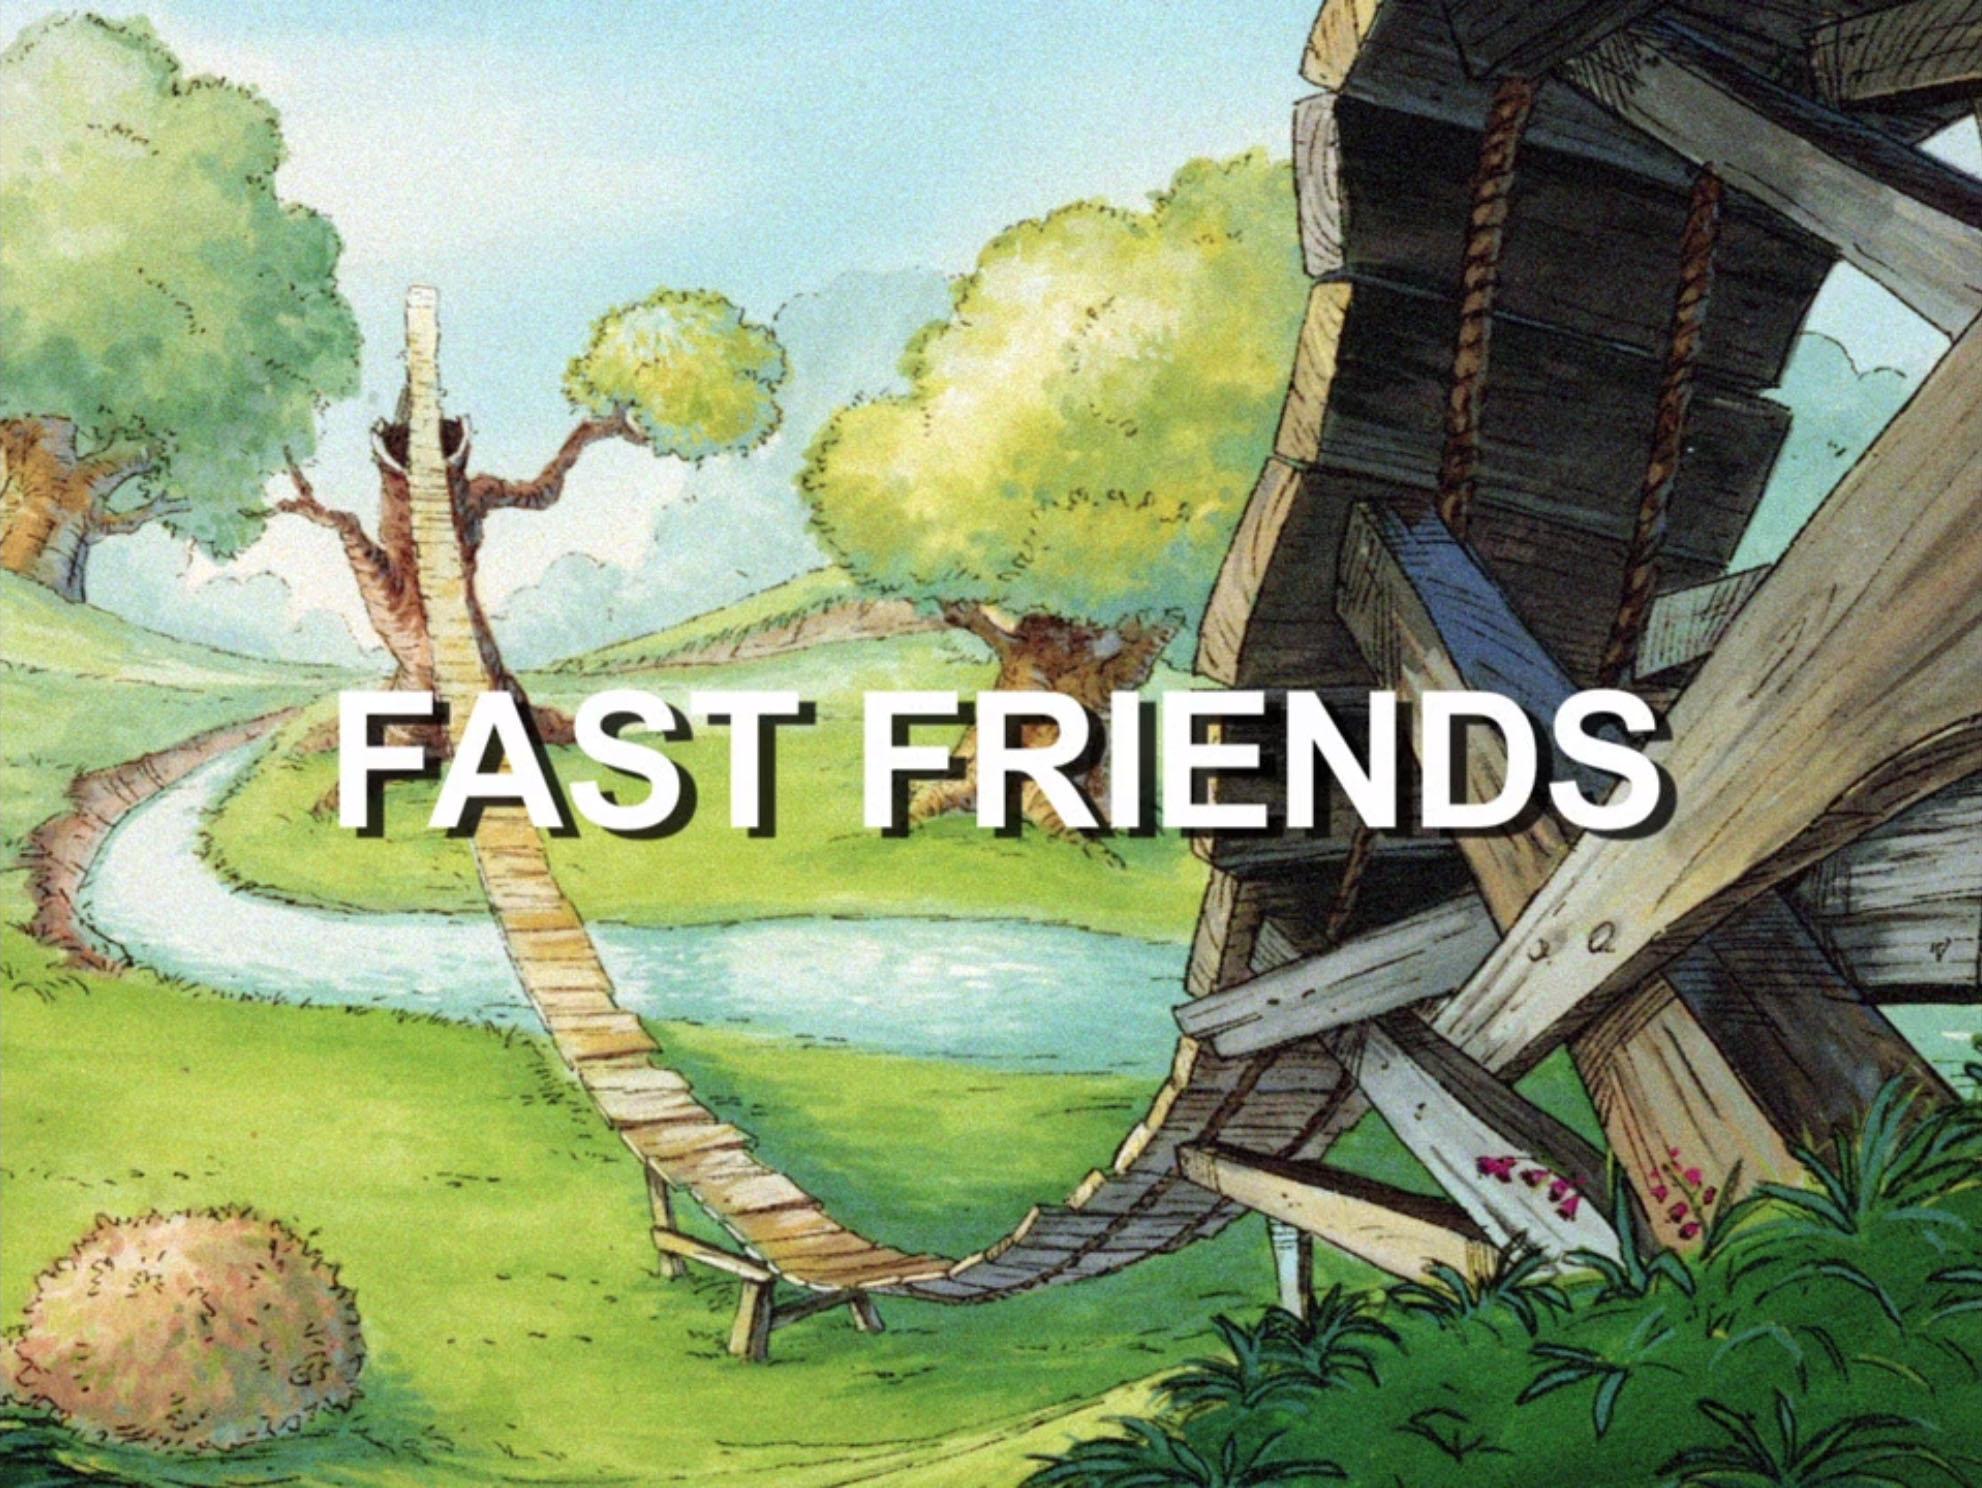 File:Fastfriends.jpg